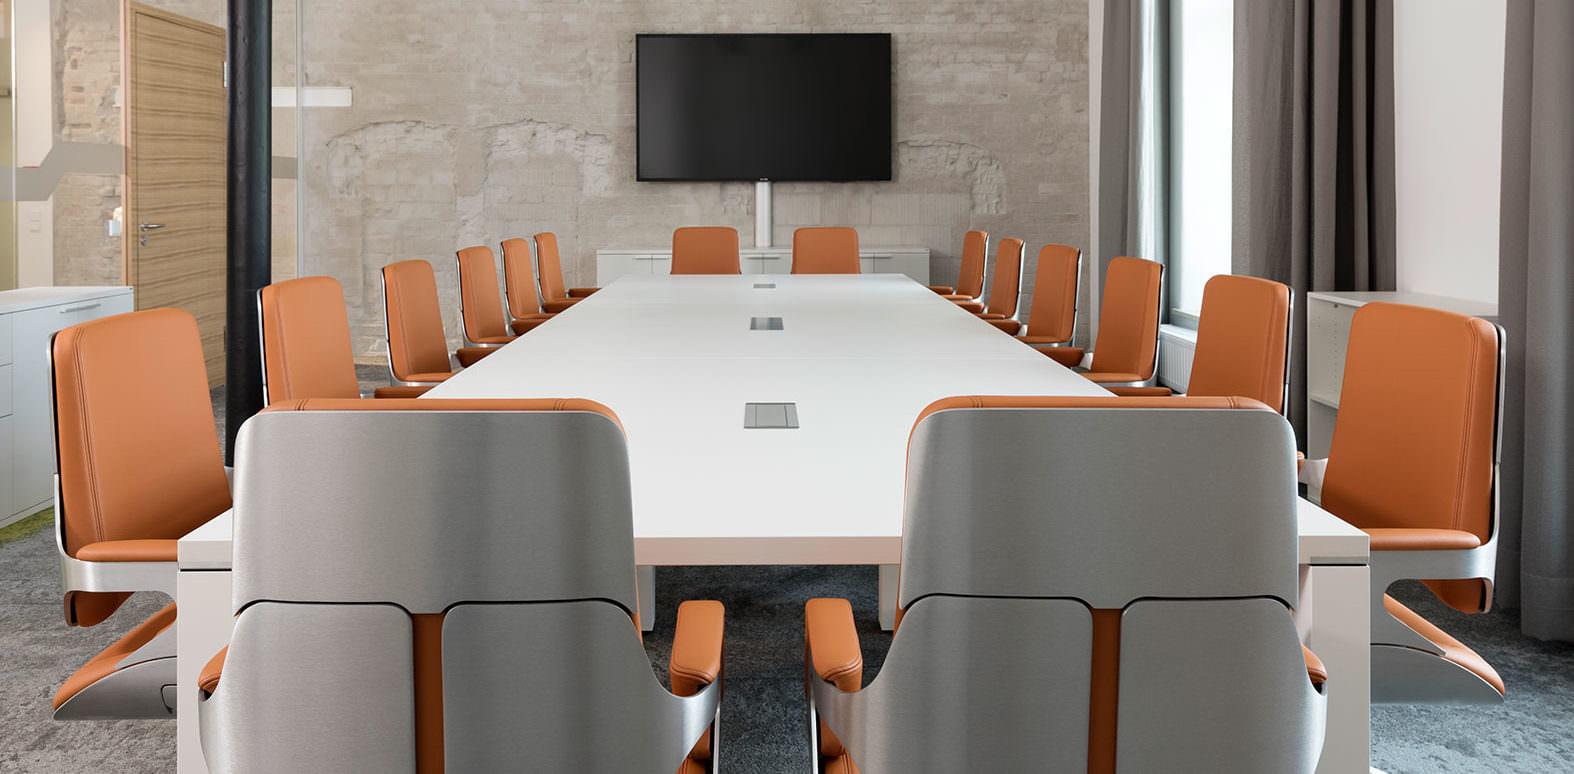 Interstuhl Silver Chairs 262S In Situ 2